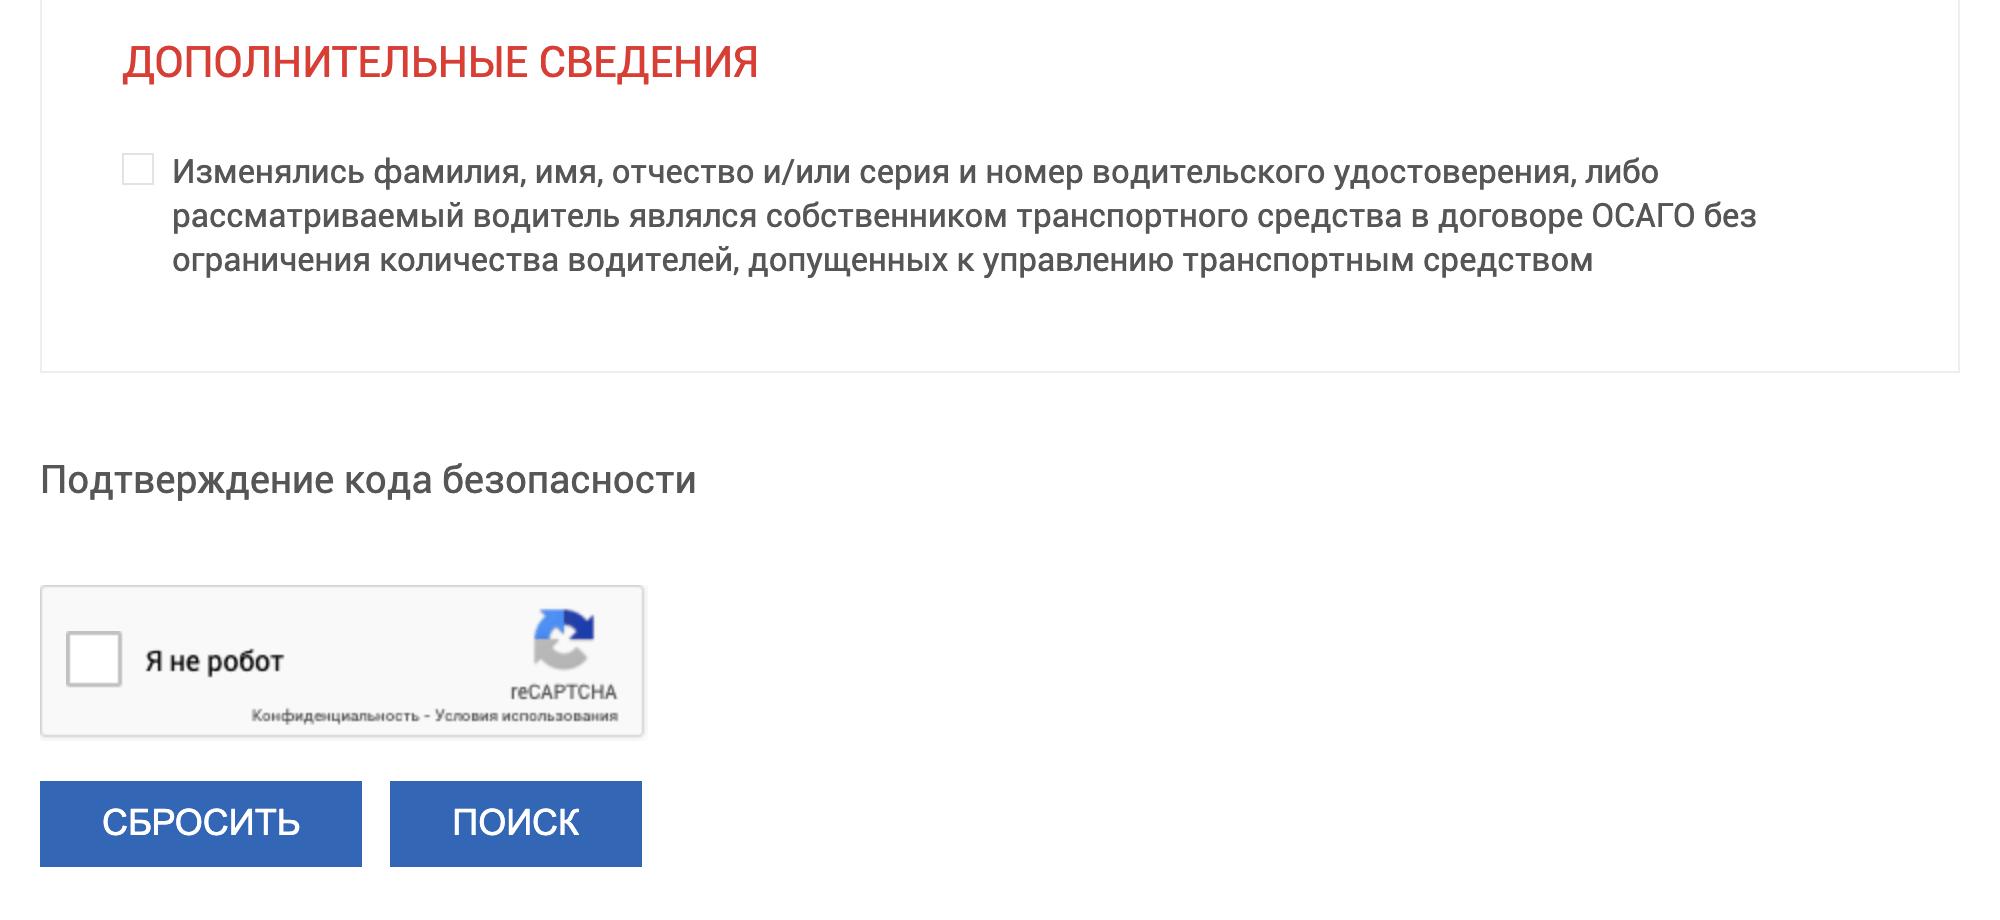 КБМ водителя по результатам проверки будет указан в нижней части страницы